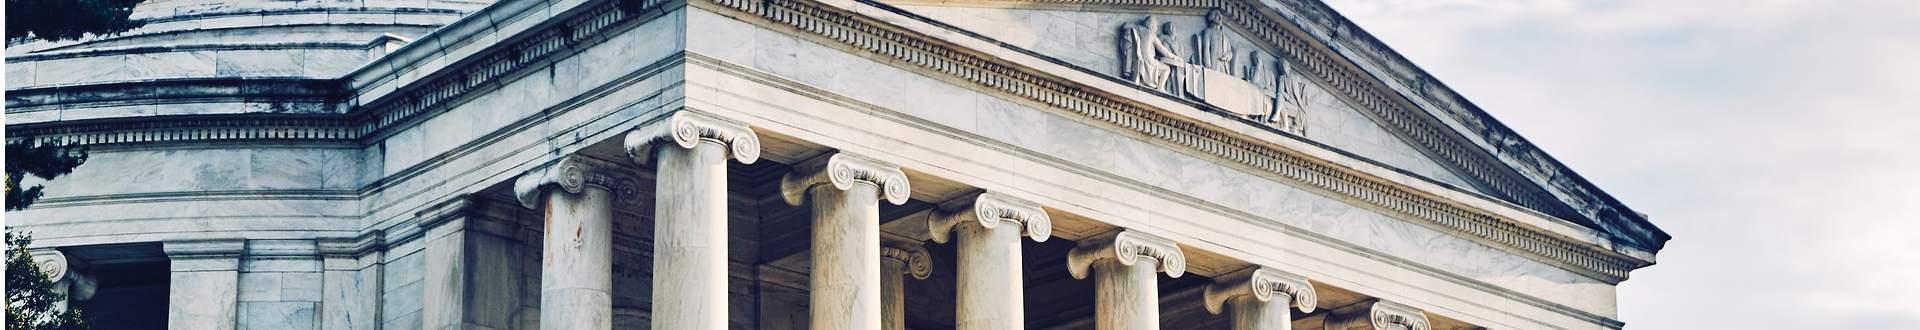 Bundesverfassungsgericht schiebt Sanktionsurteil auf